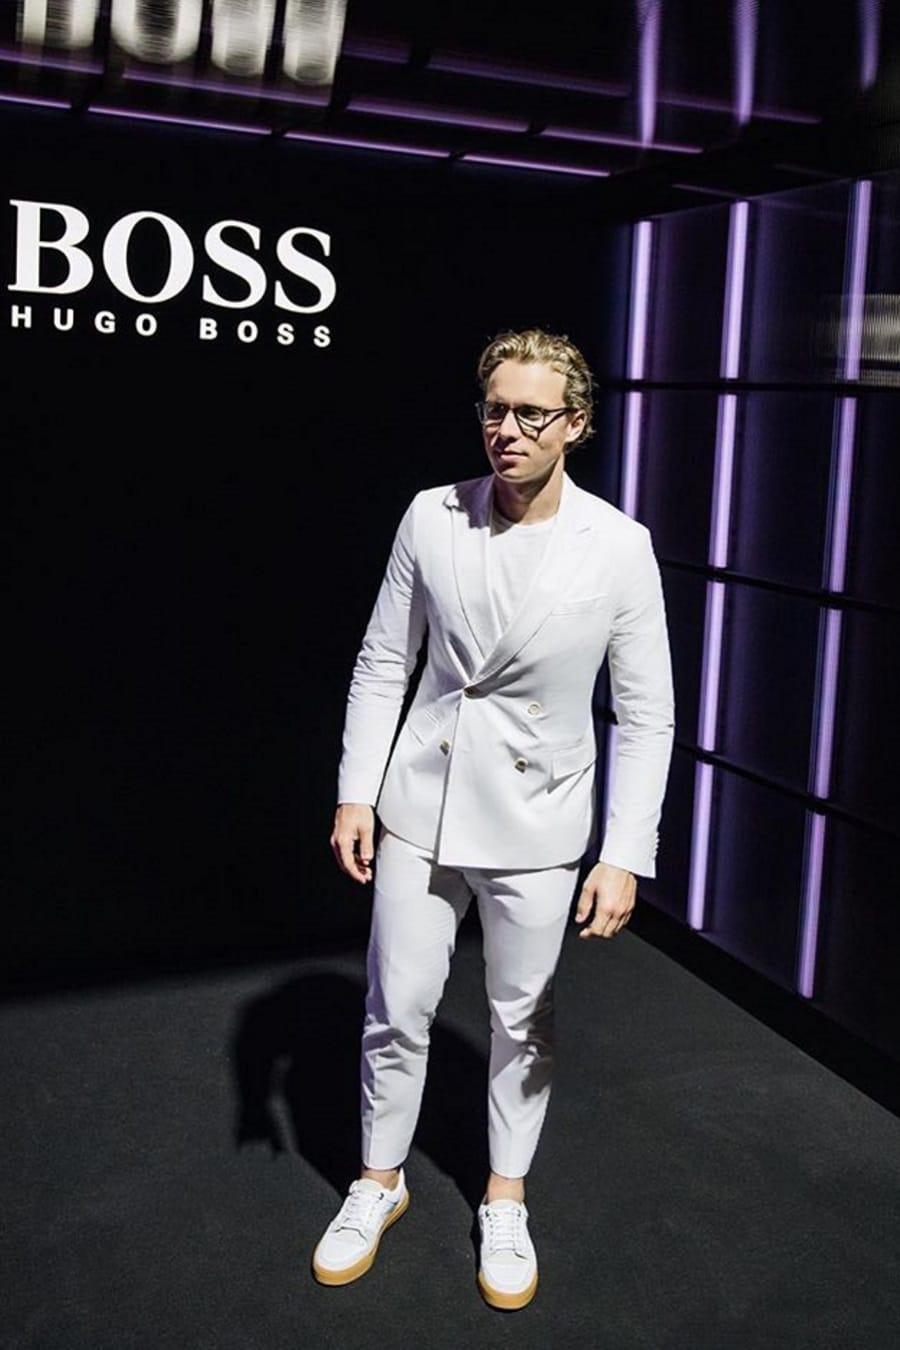 dalton graham wearing white suit